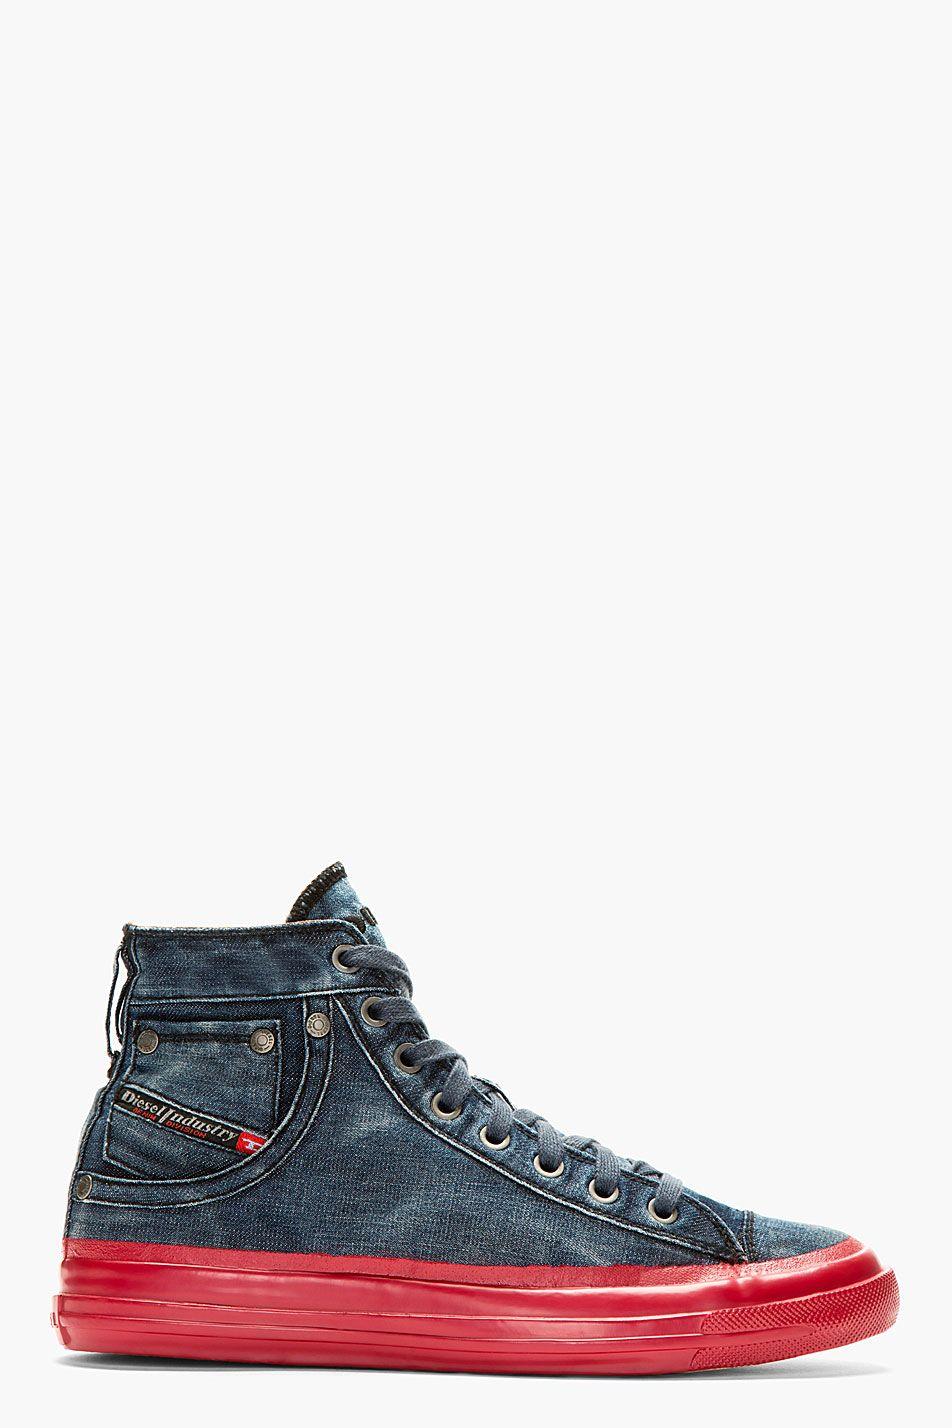 new product ab29d 8cf10 DIESEL Blue Denim Contrast Sole Exposure High-Top Sneakers Diesel Shoes,  Sneakers Nike,